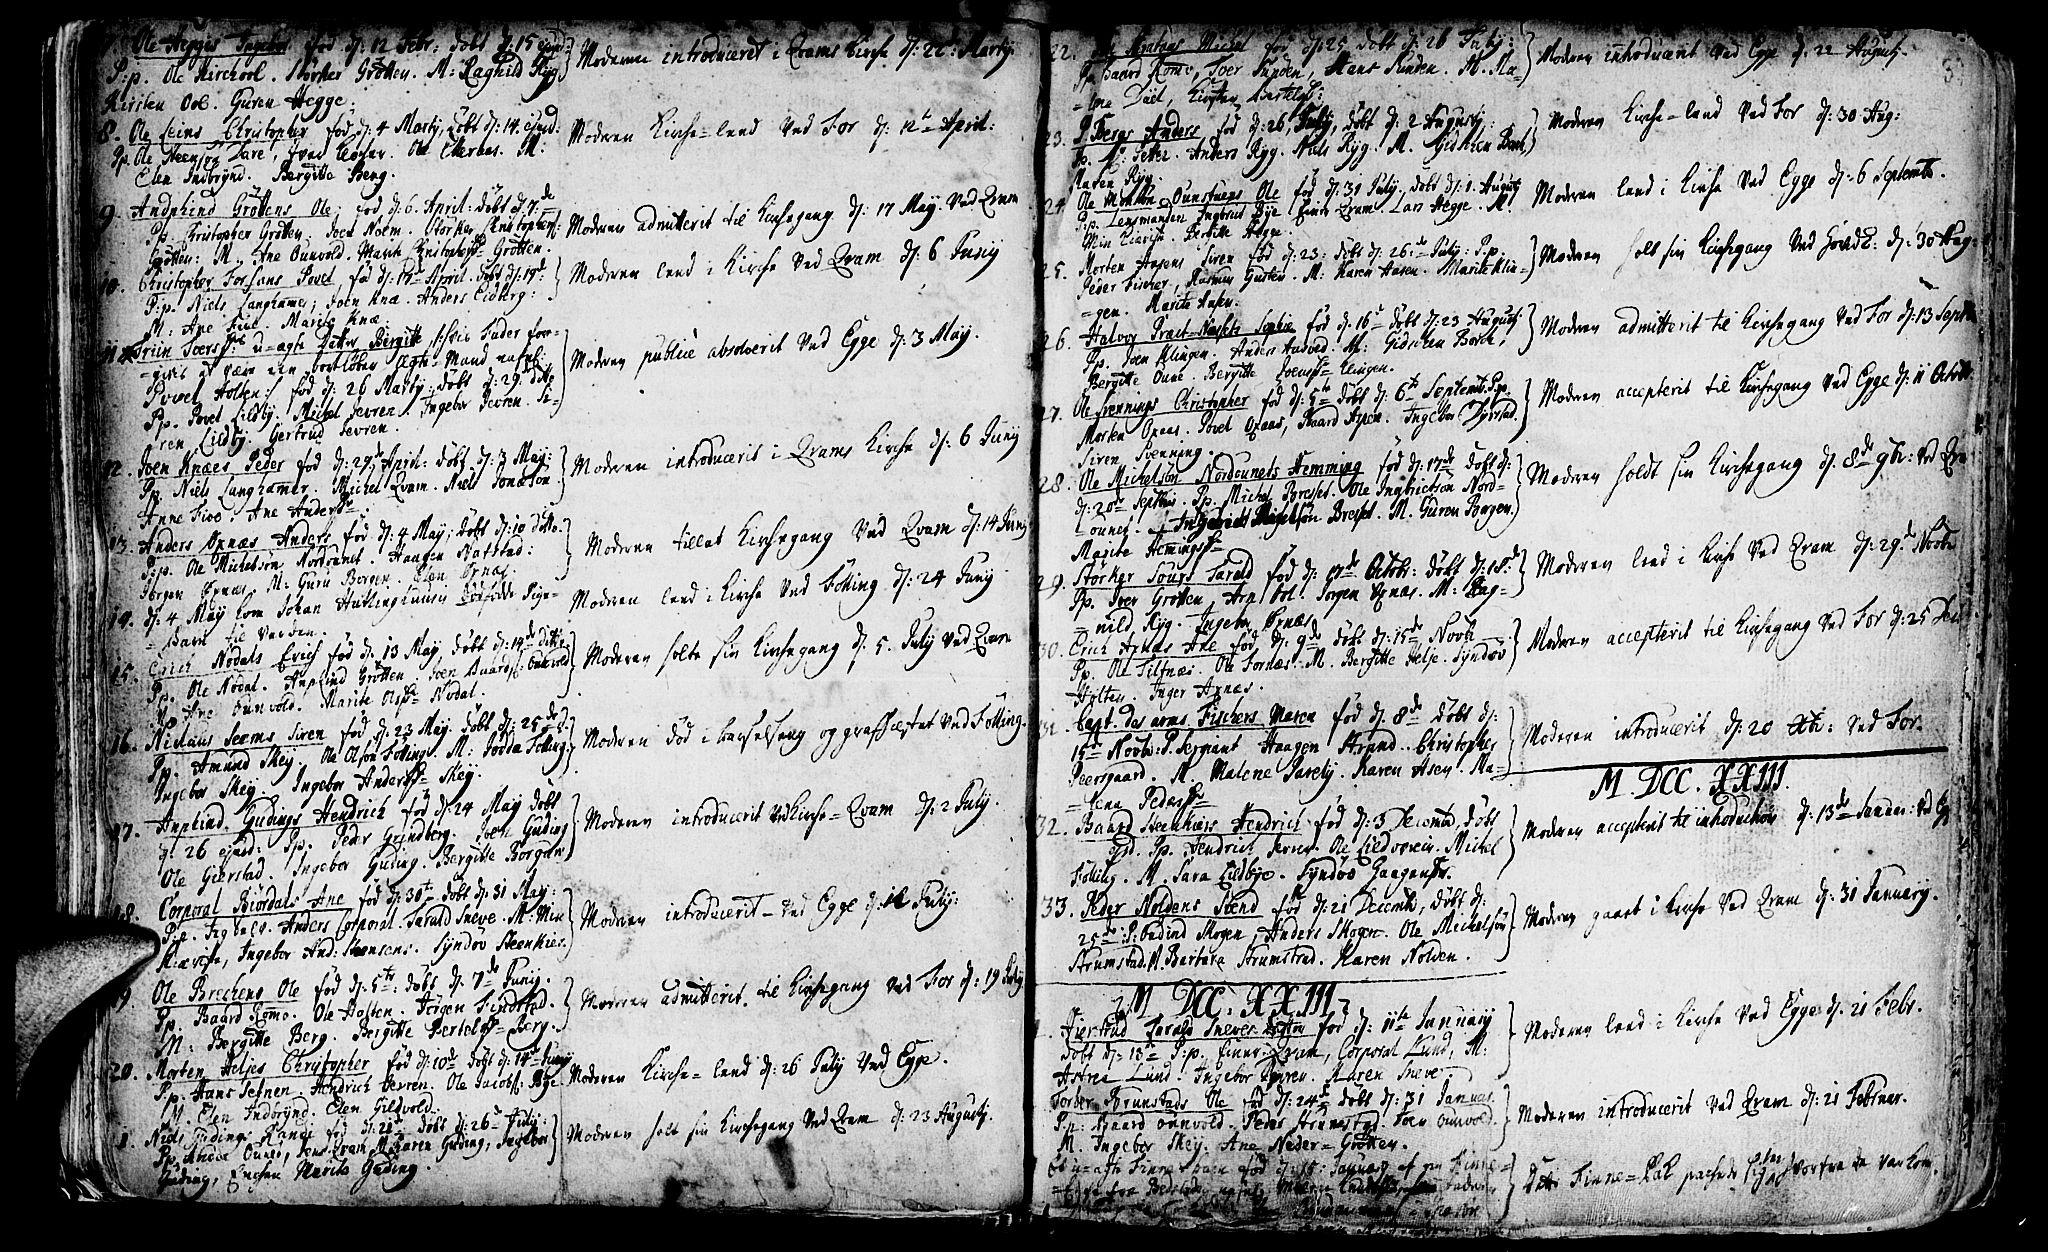 SAT, Ministerialprotokoller, klokkerbøker og fødselsregistre - Nord-Trøndelag, 746/L0439: Ministerialbok nr. 746A01, 1688-1759, s. 39